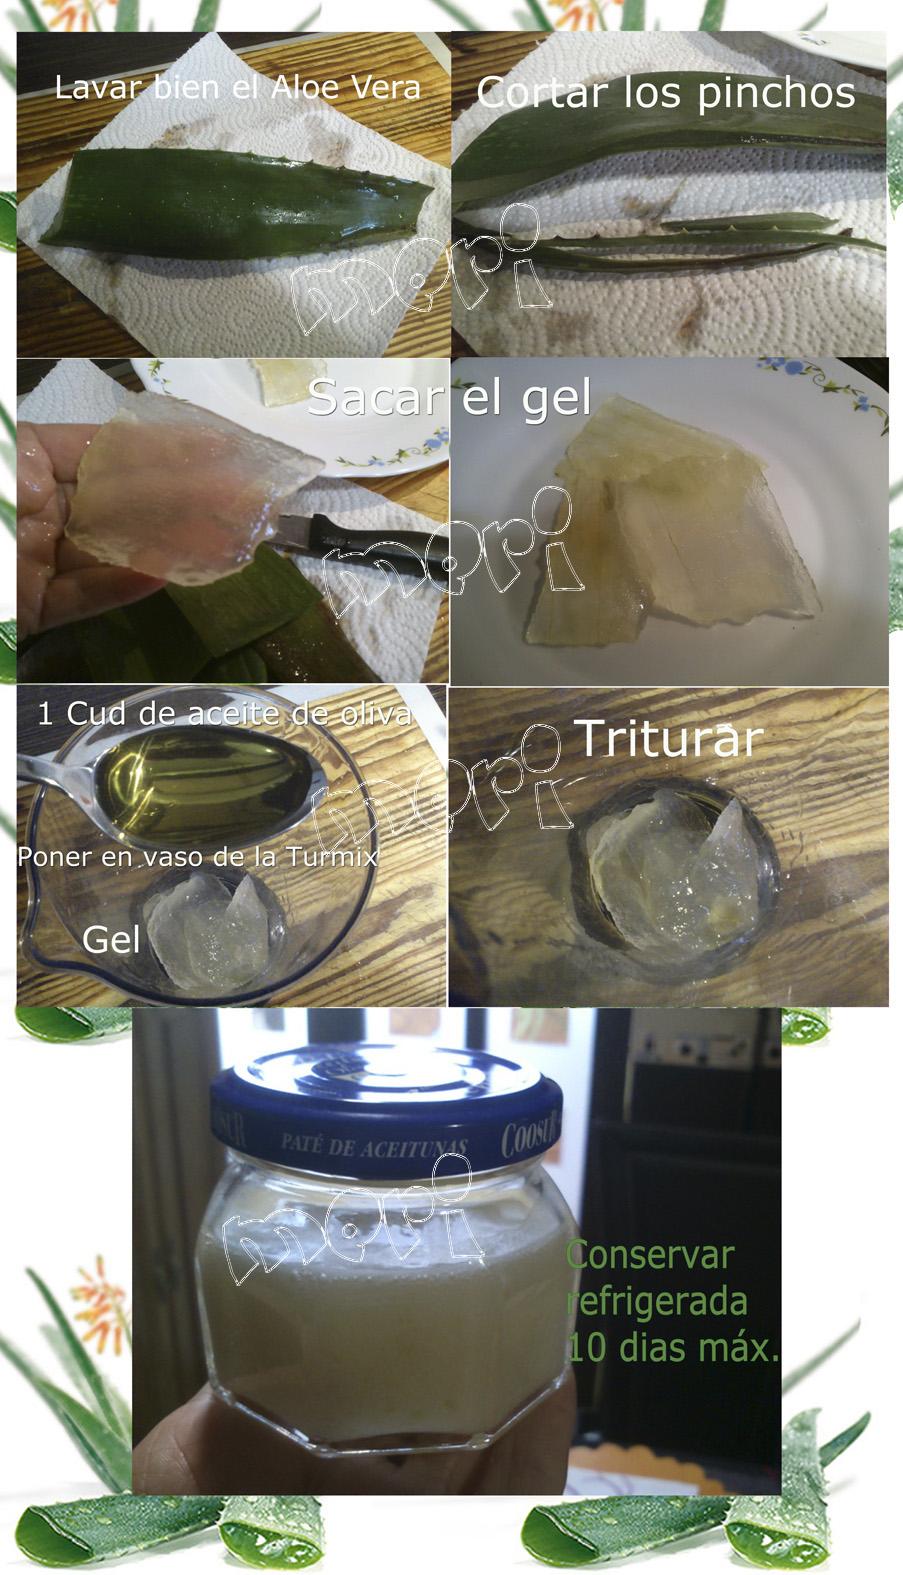 Las cositas de meri crema hidratante de aloe vera - Bollycao thermomix ...